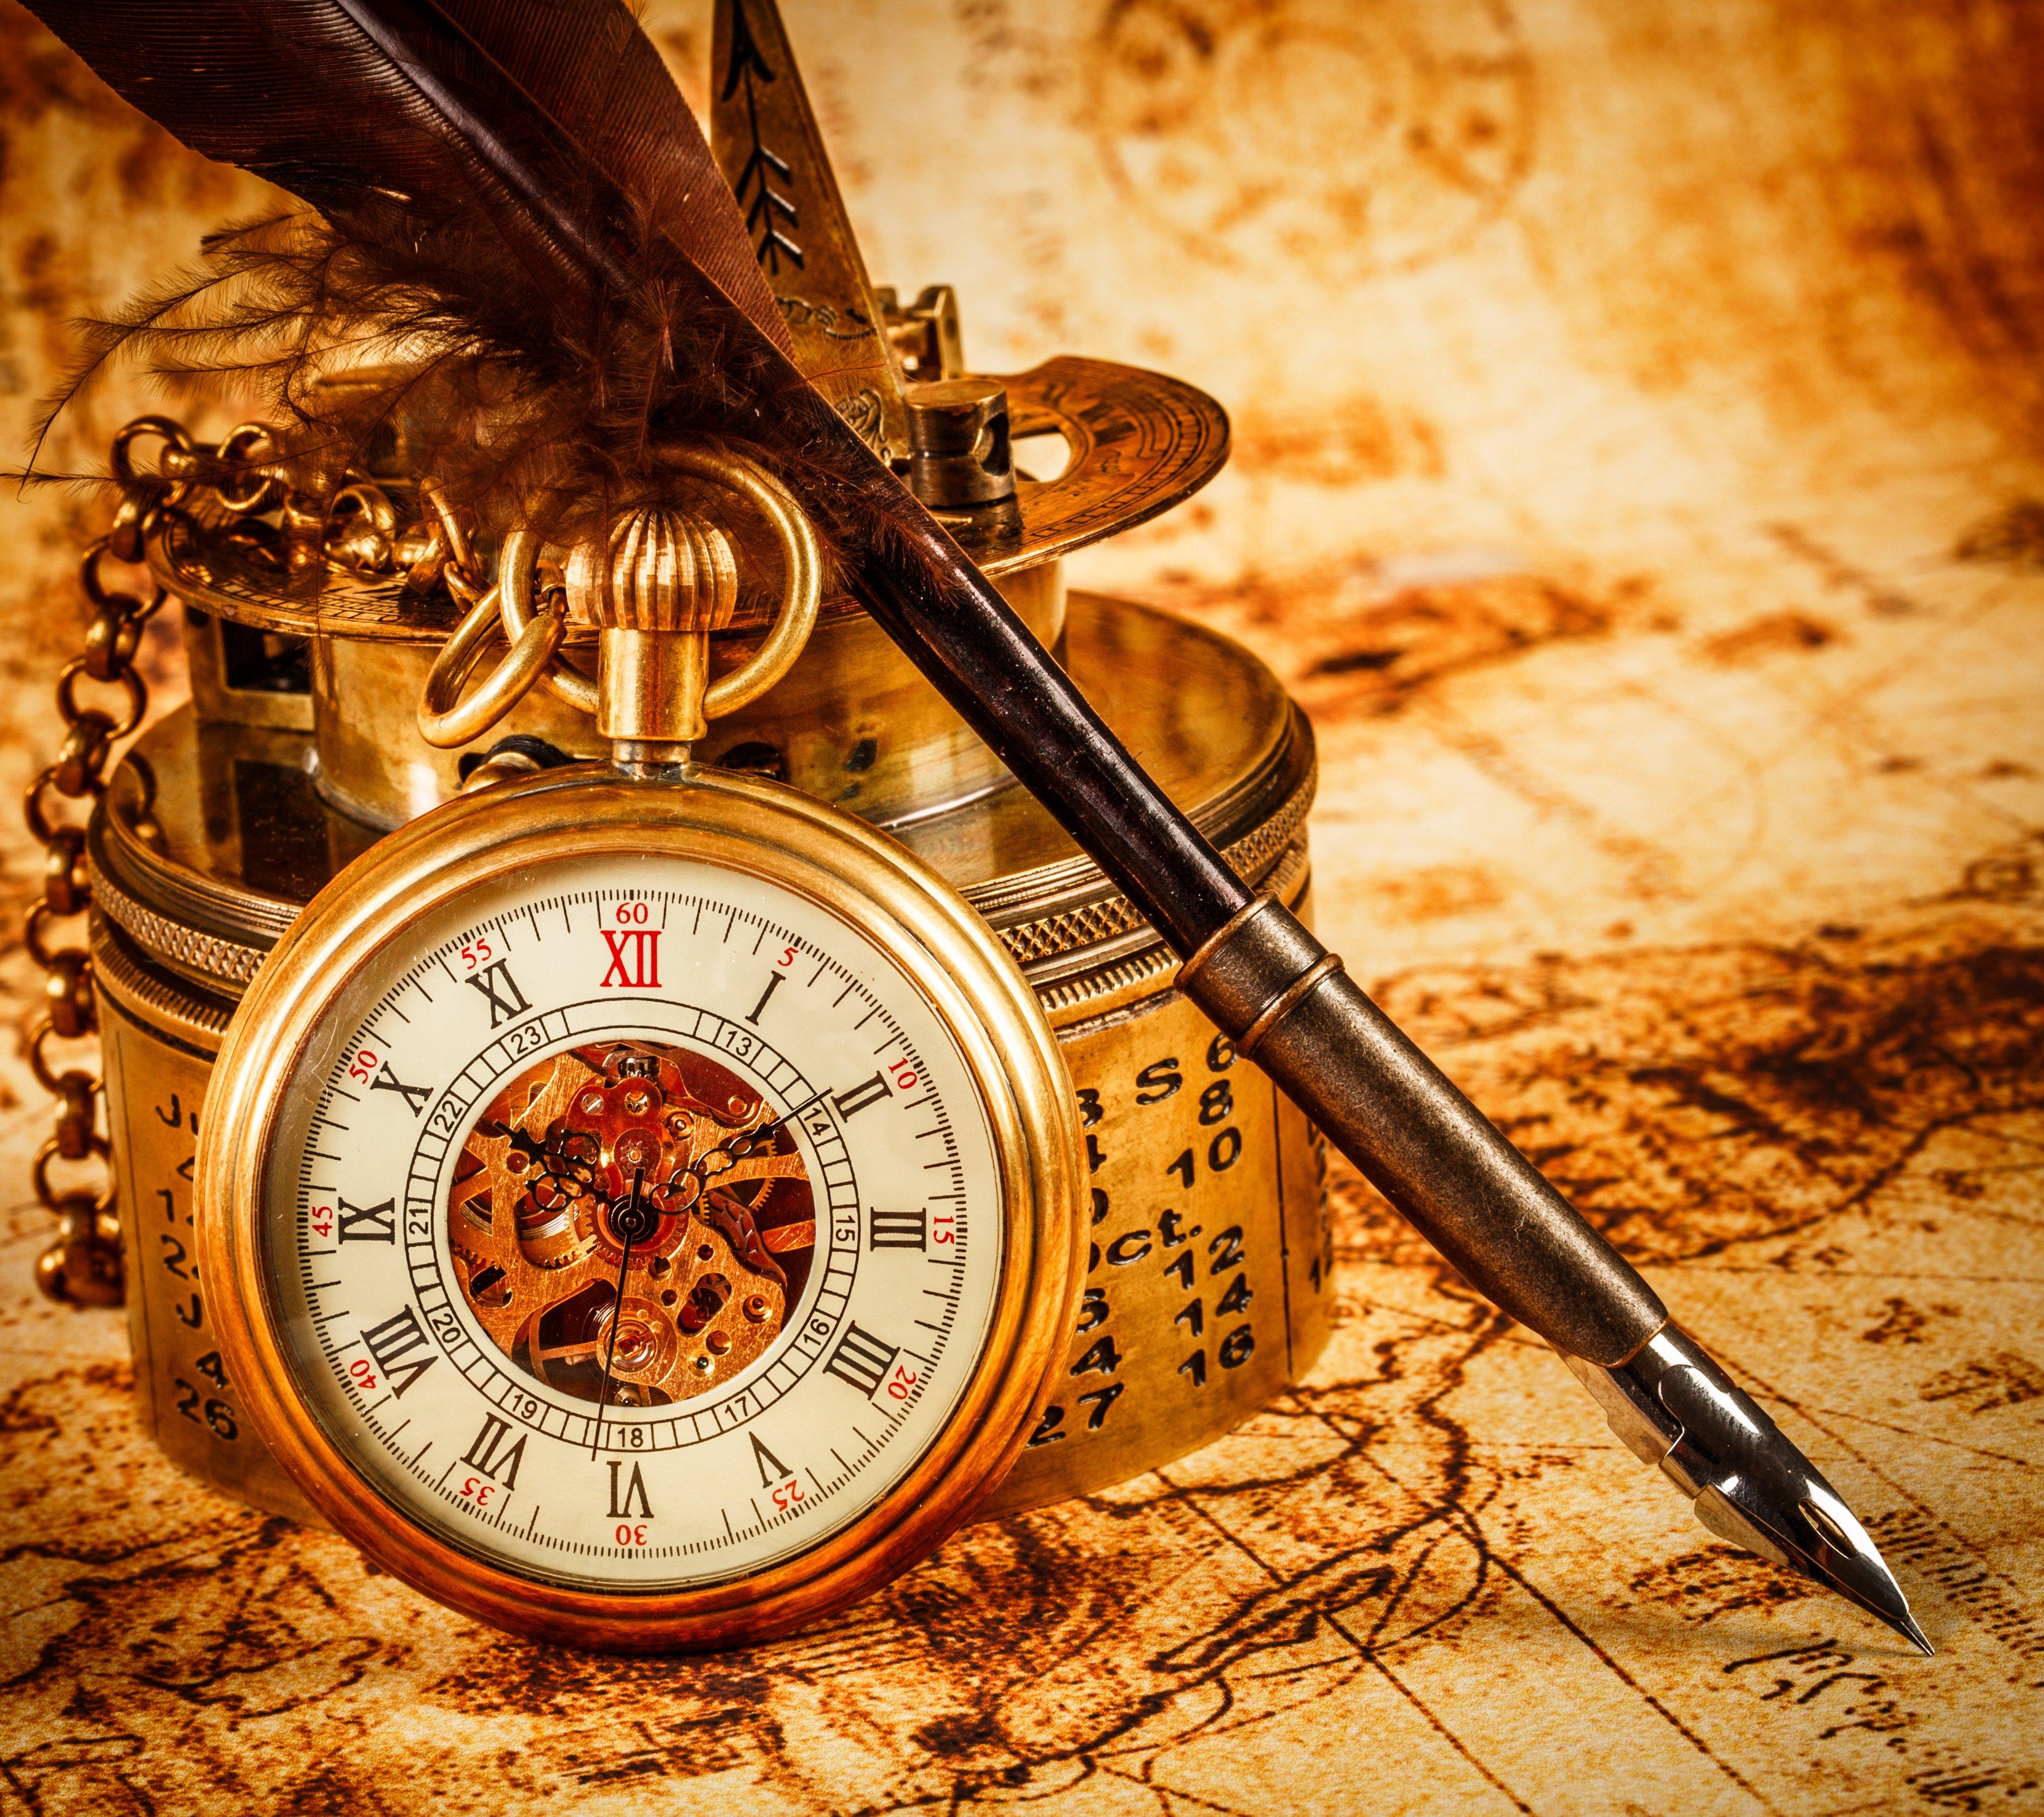 Pocket Watch Time Clock Bokeh Wallpaper 3909x3475 401842